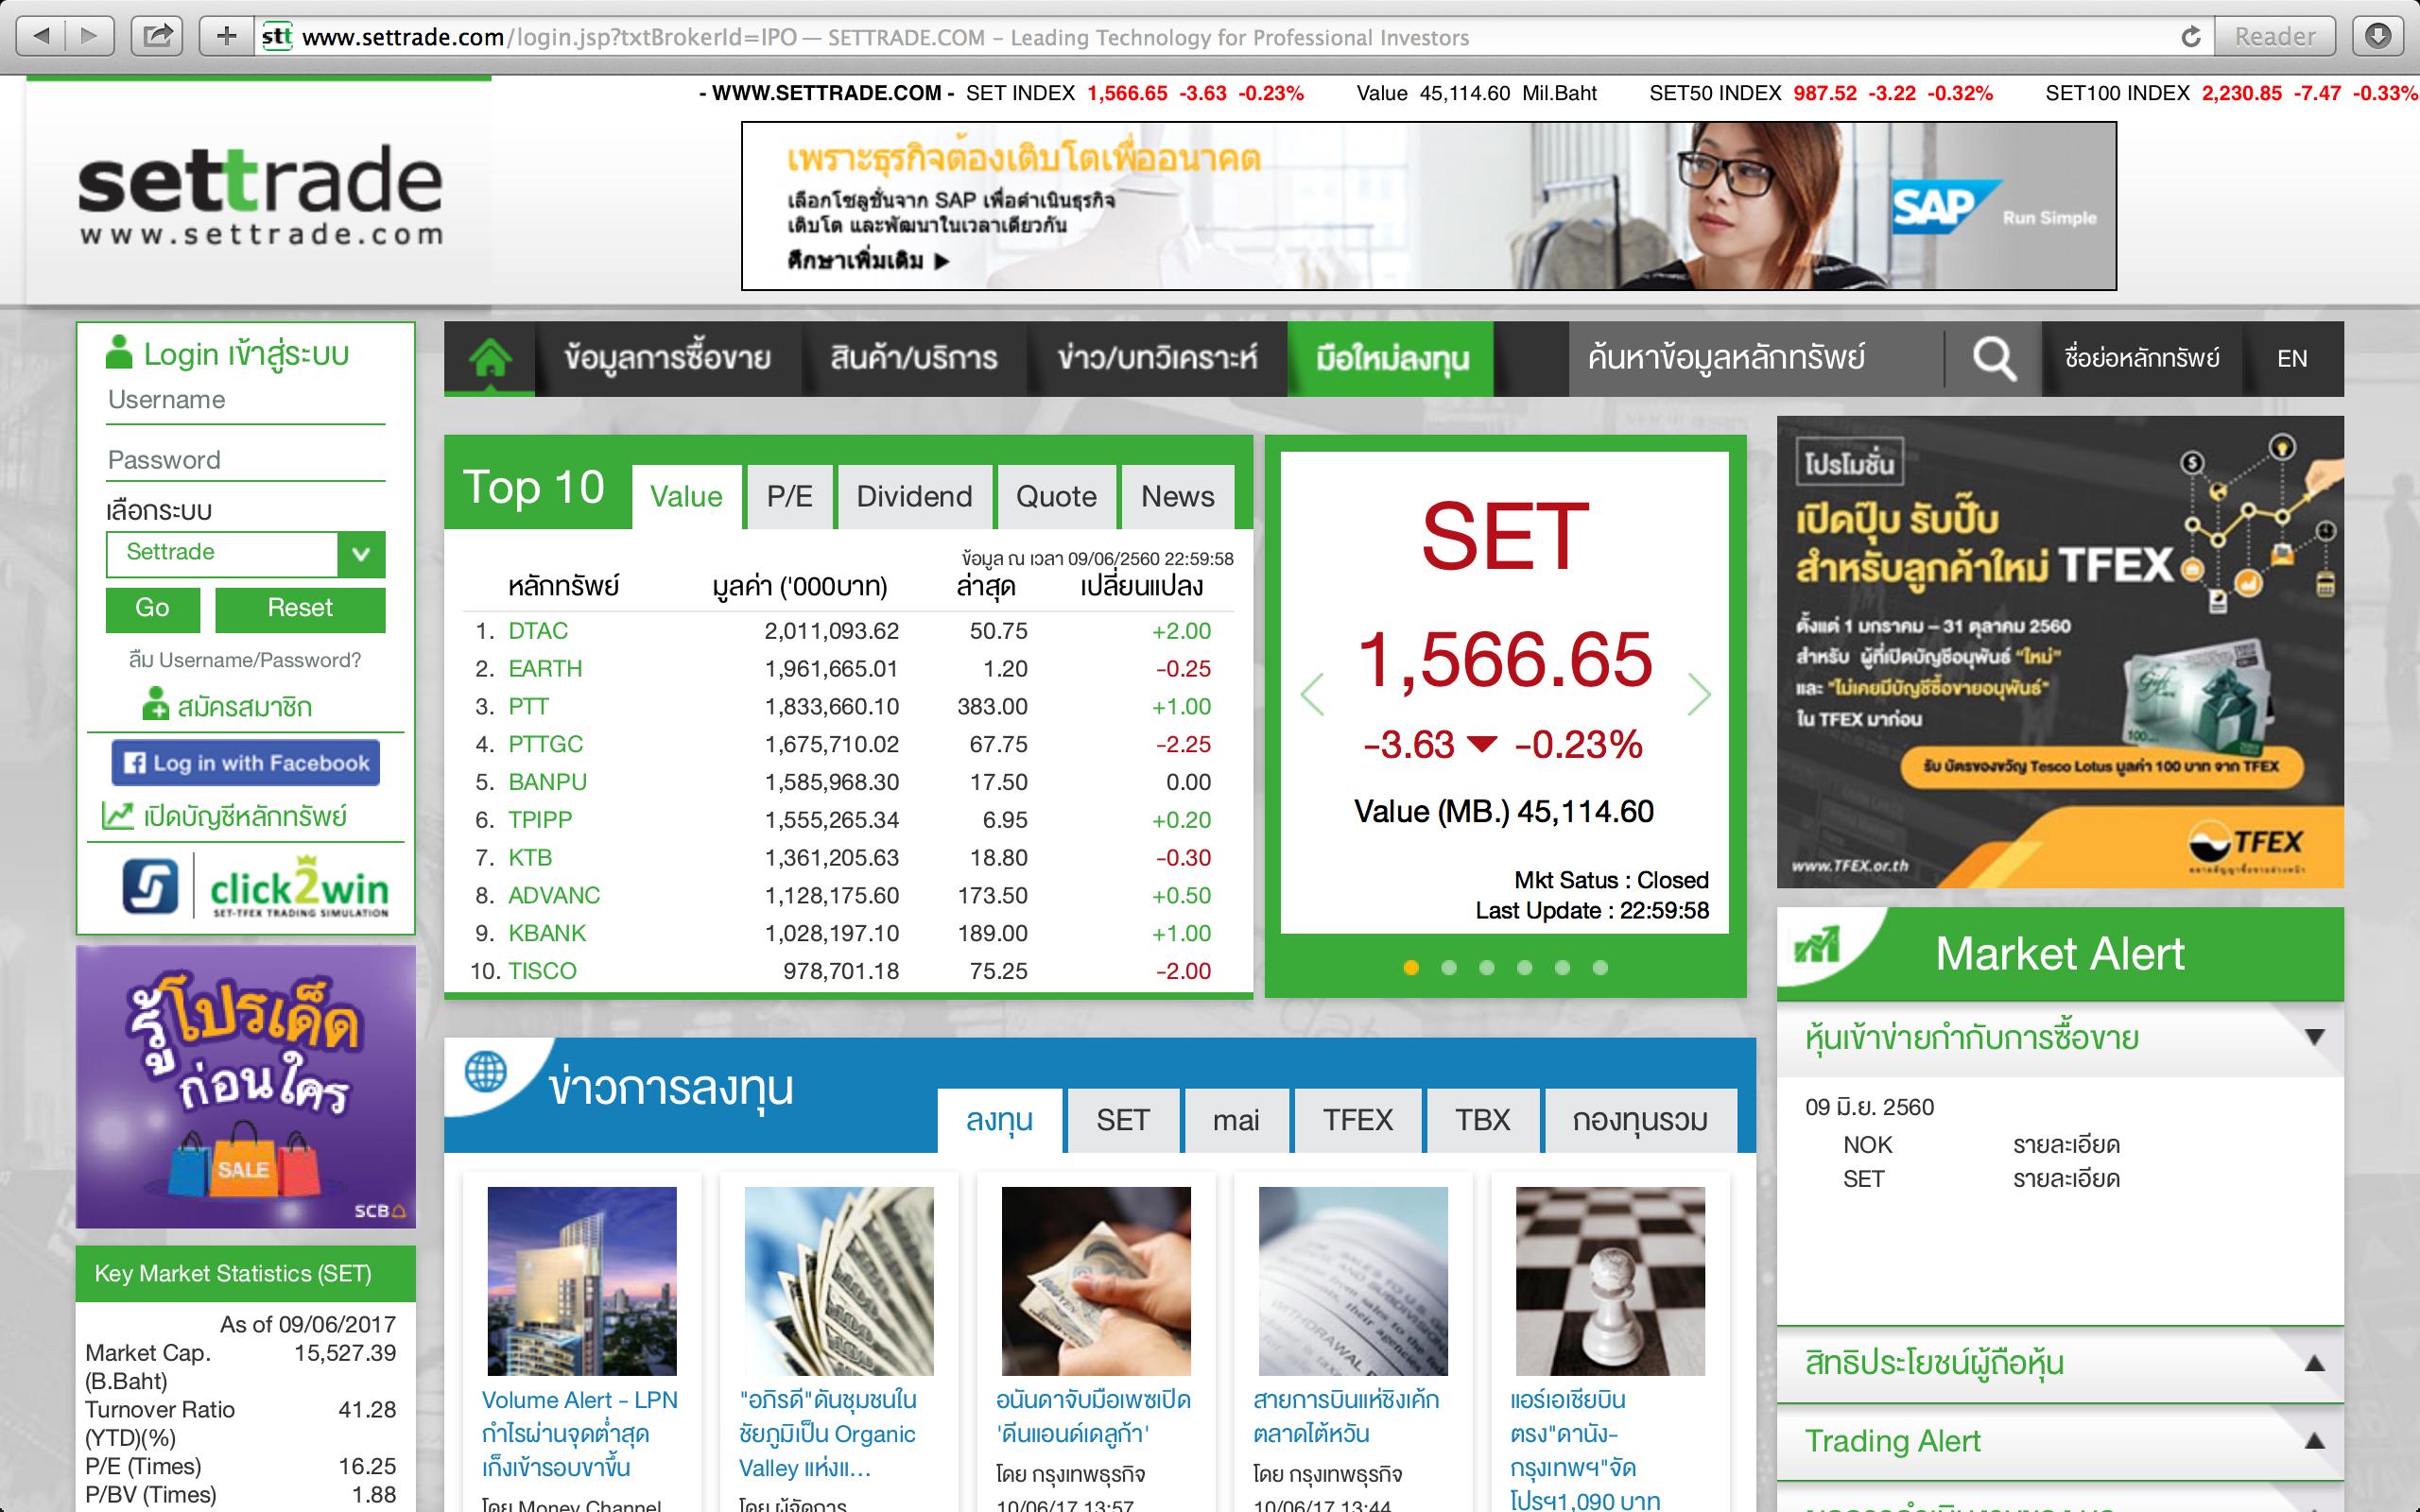 screen-shot-2560-06-10-at-11-00-27-pm-28